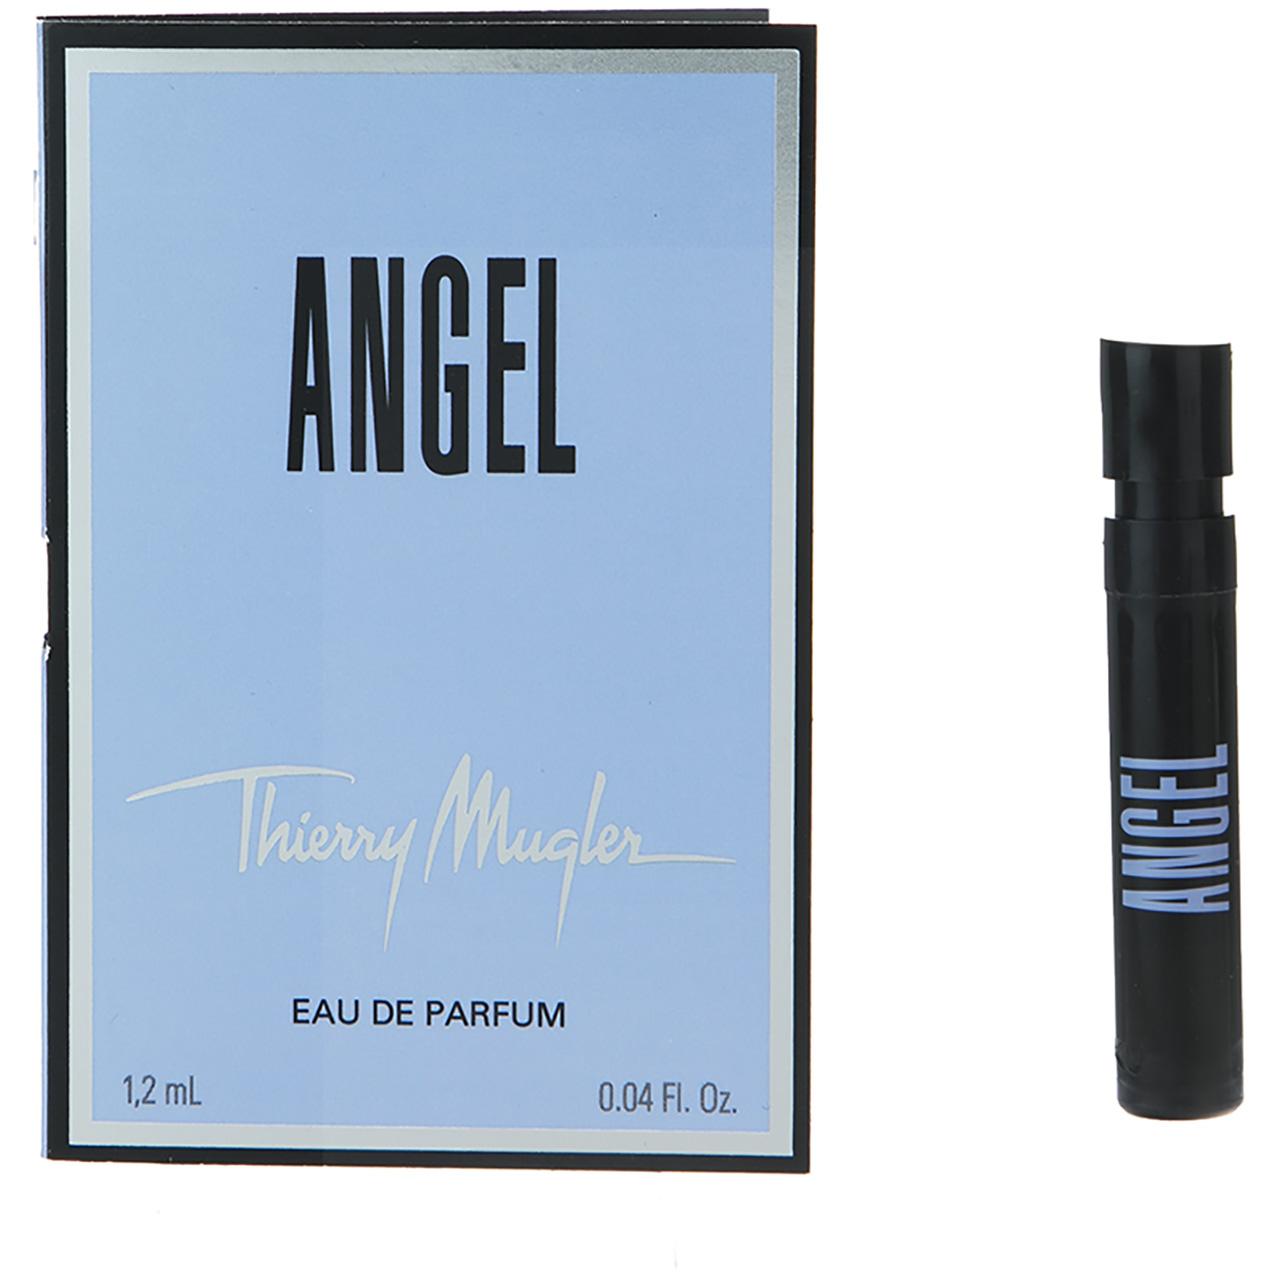 تستر ادو پرفیوم زنانه تیری ماگلر مدل Angel حجم 1.2 میلی لیتر